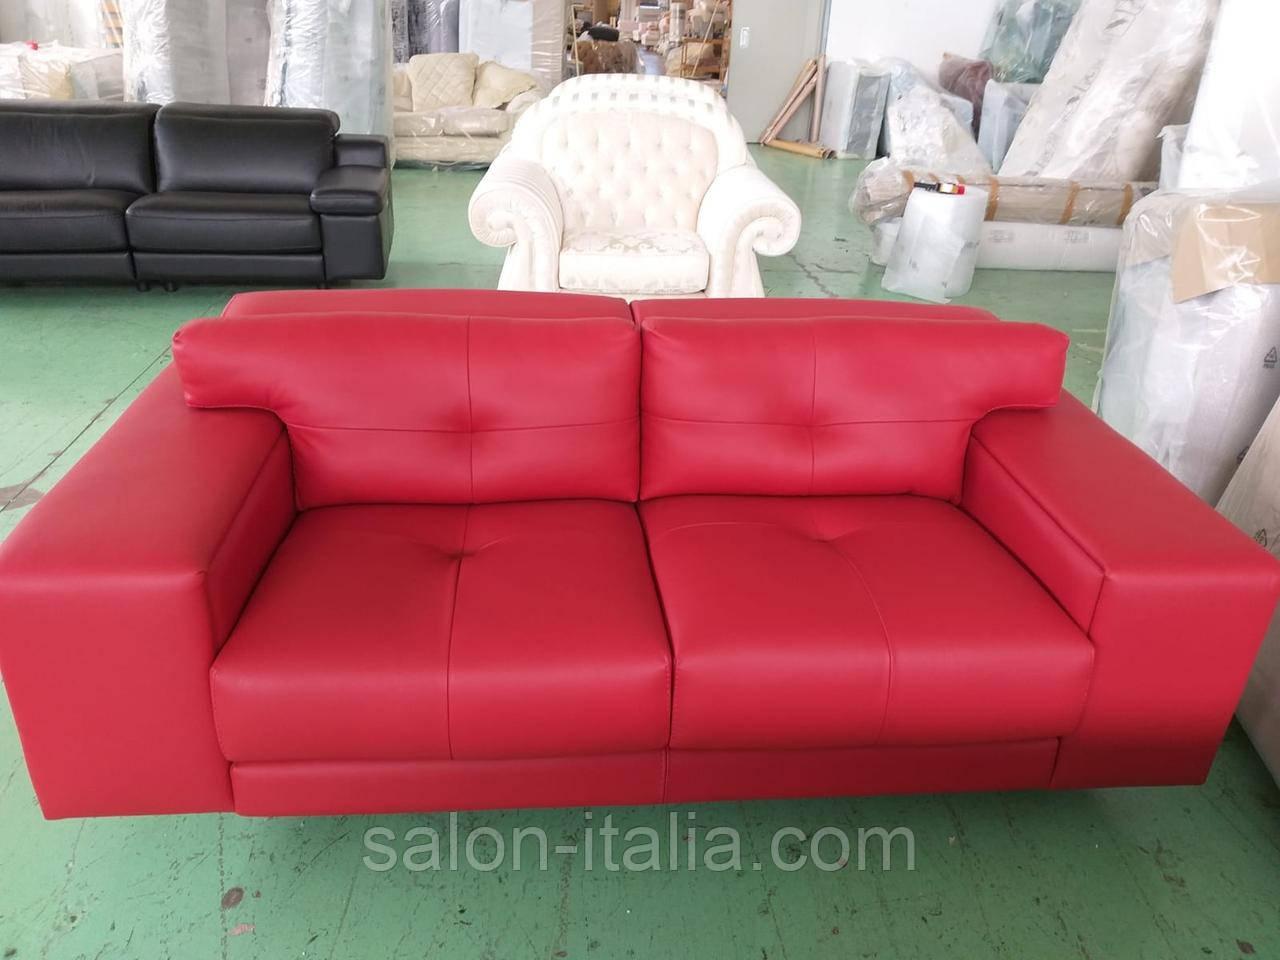 Диван Marlow від New Trend Concepts (Італія)